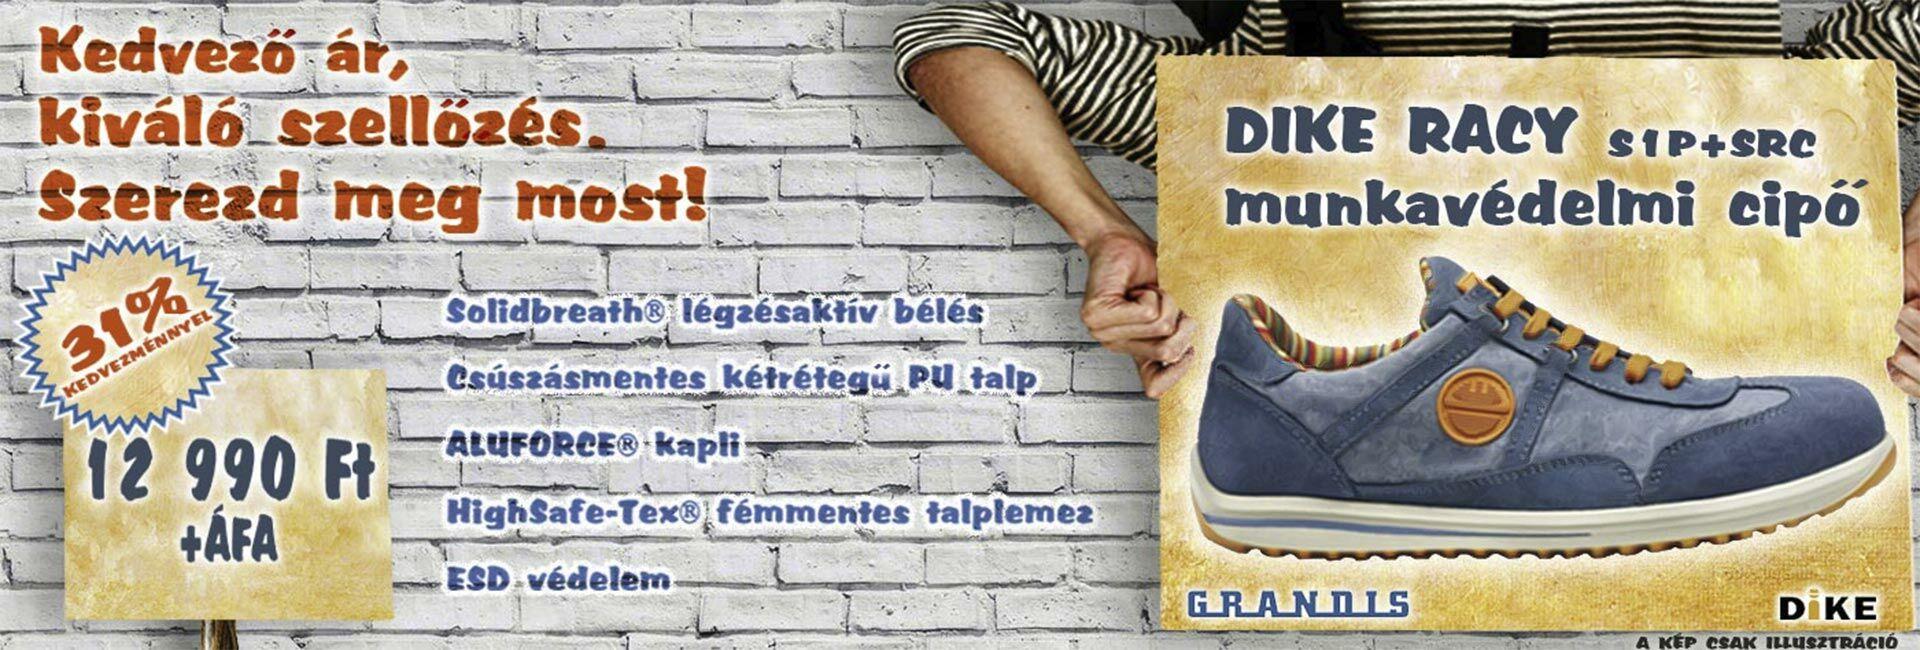 dike-racy-26016-804-grandis-hu